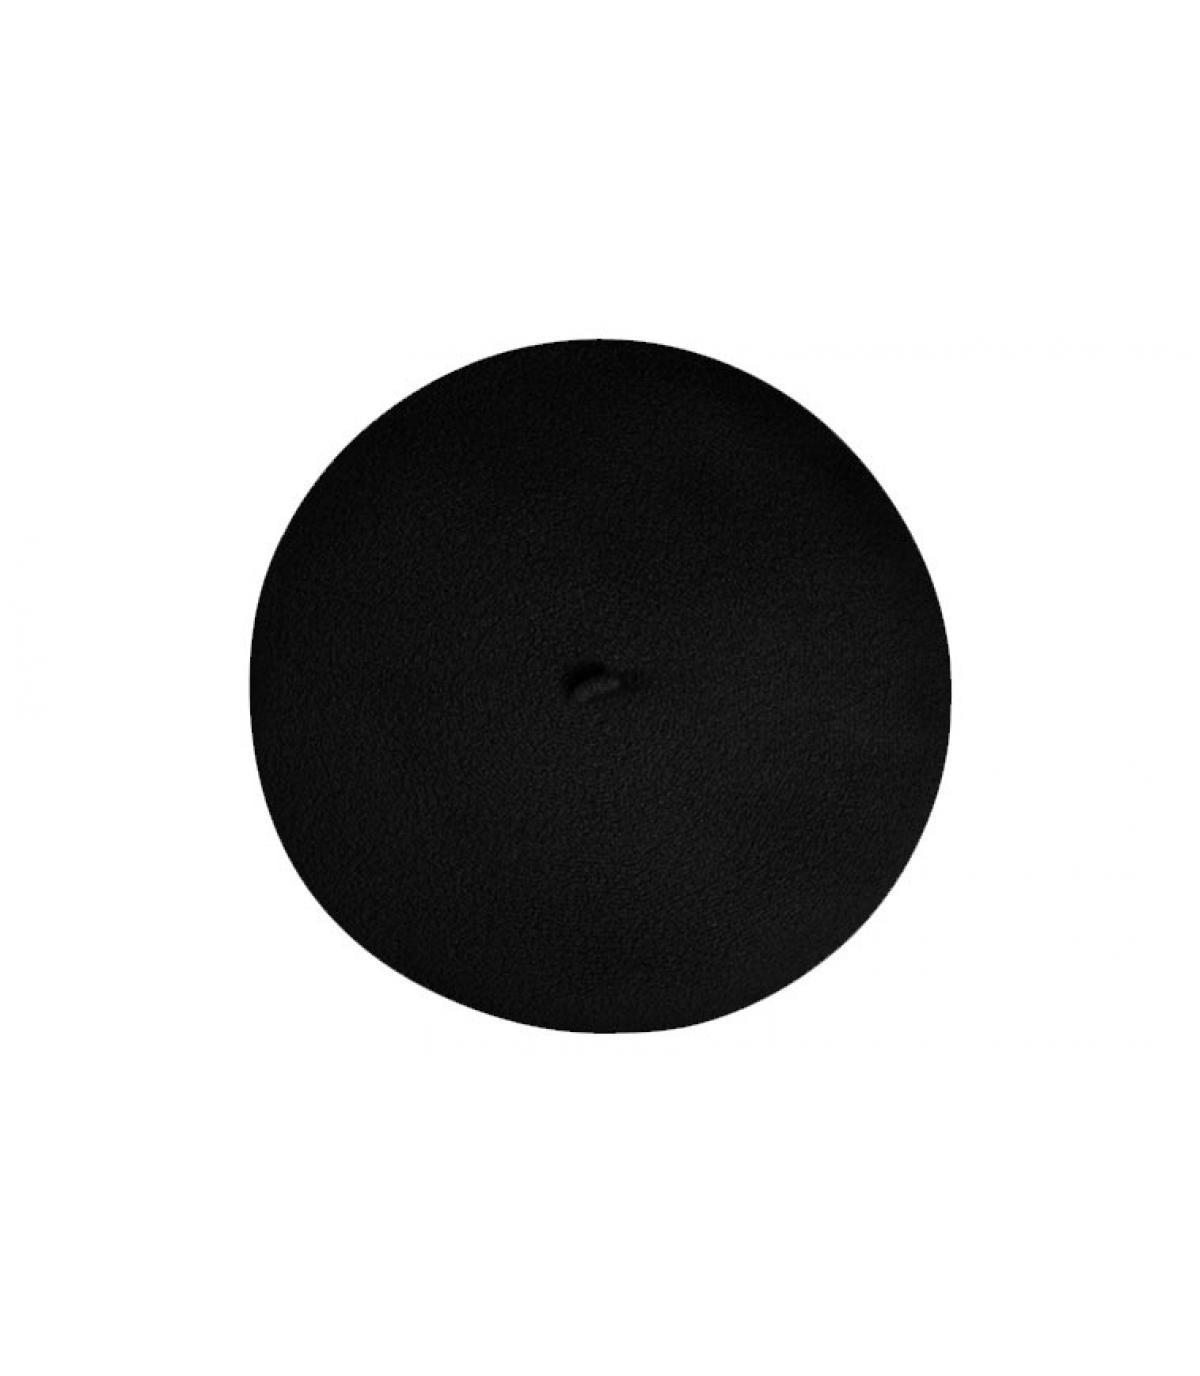 Détails Belleville noir - image 2